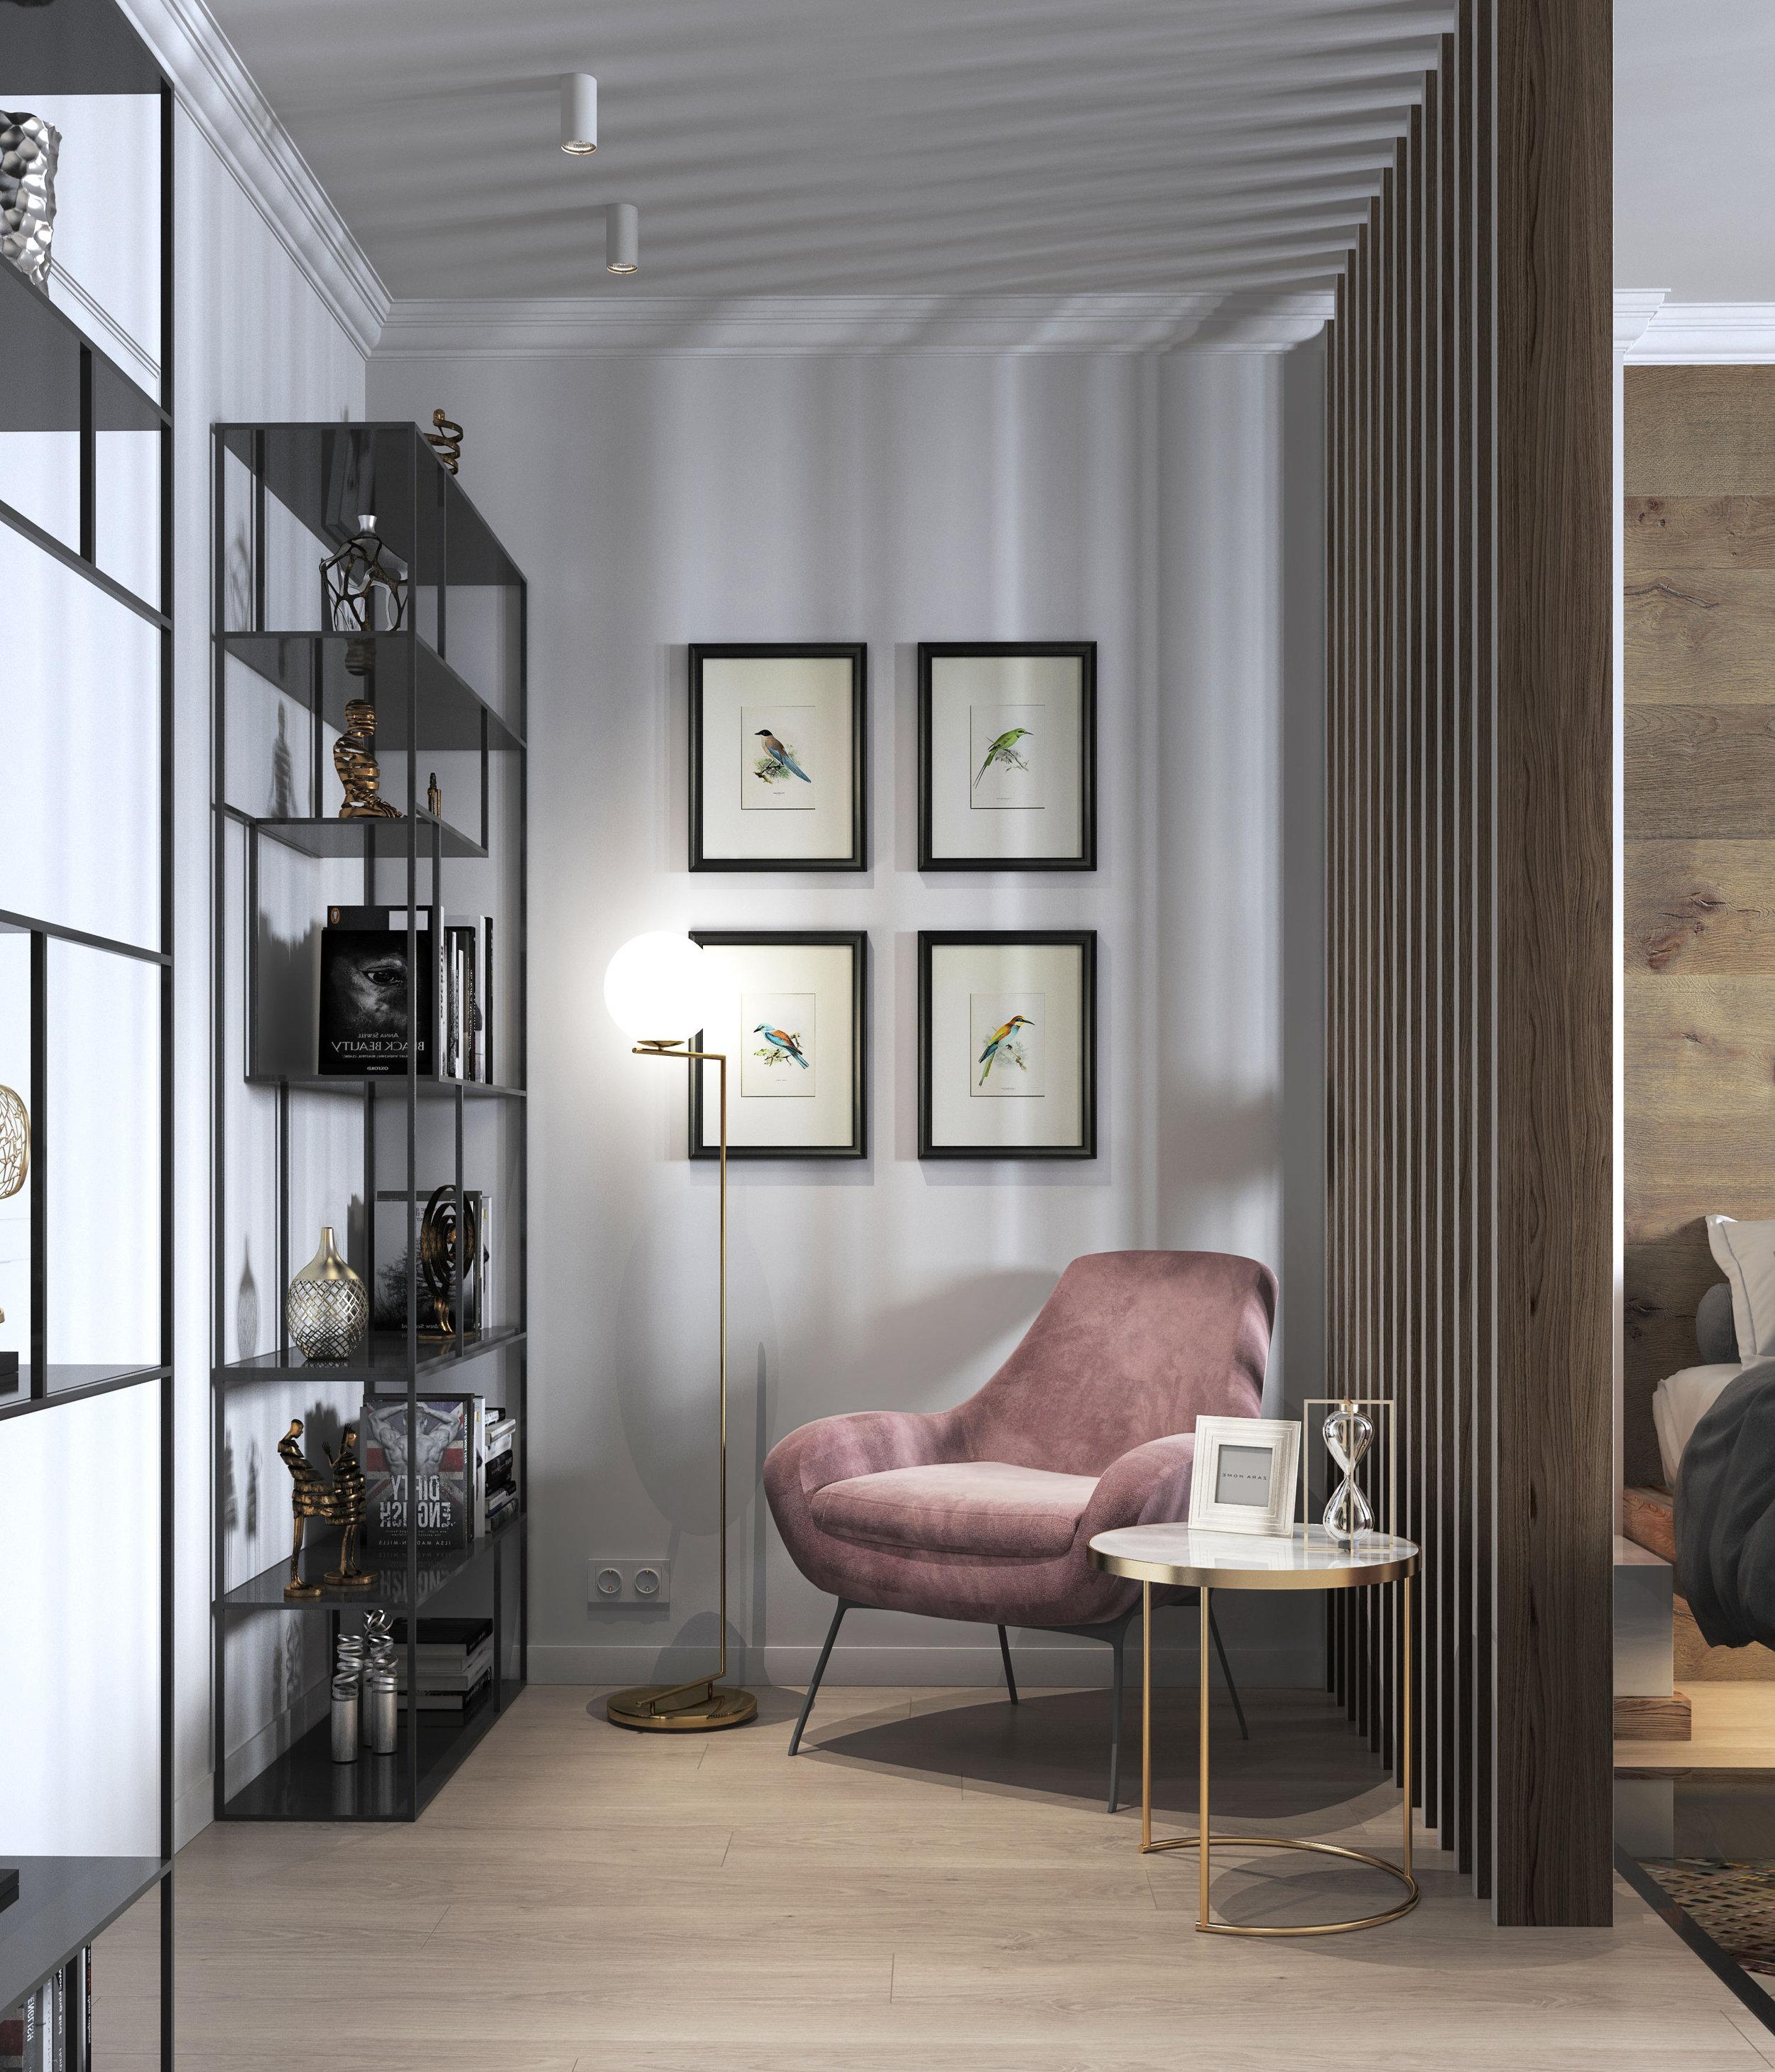 ArtHunter-Bedroom-2.jpg